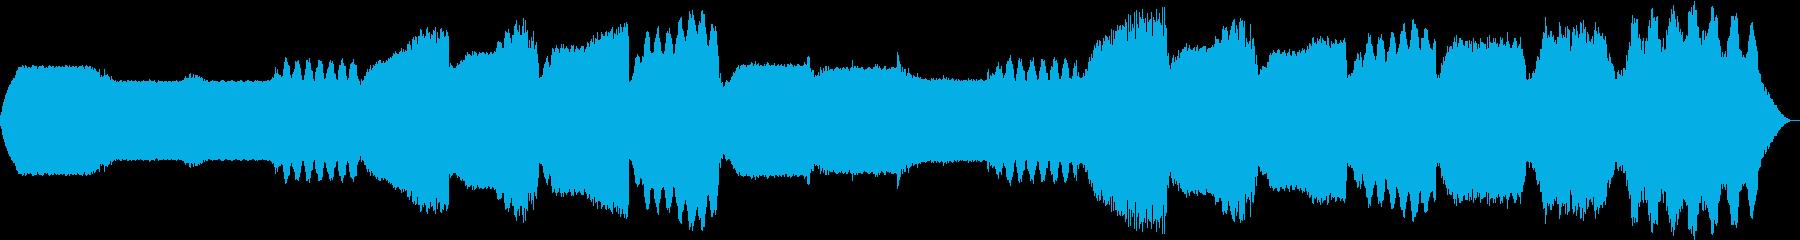 幻想的なシンセサイザーの背景BGMの再生済みの波形